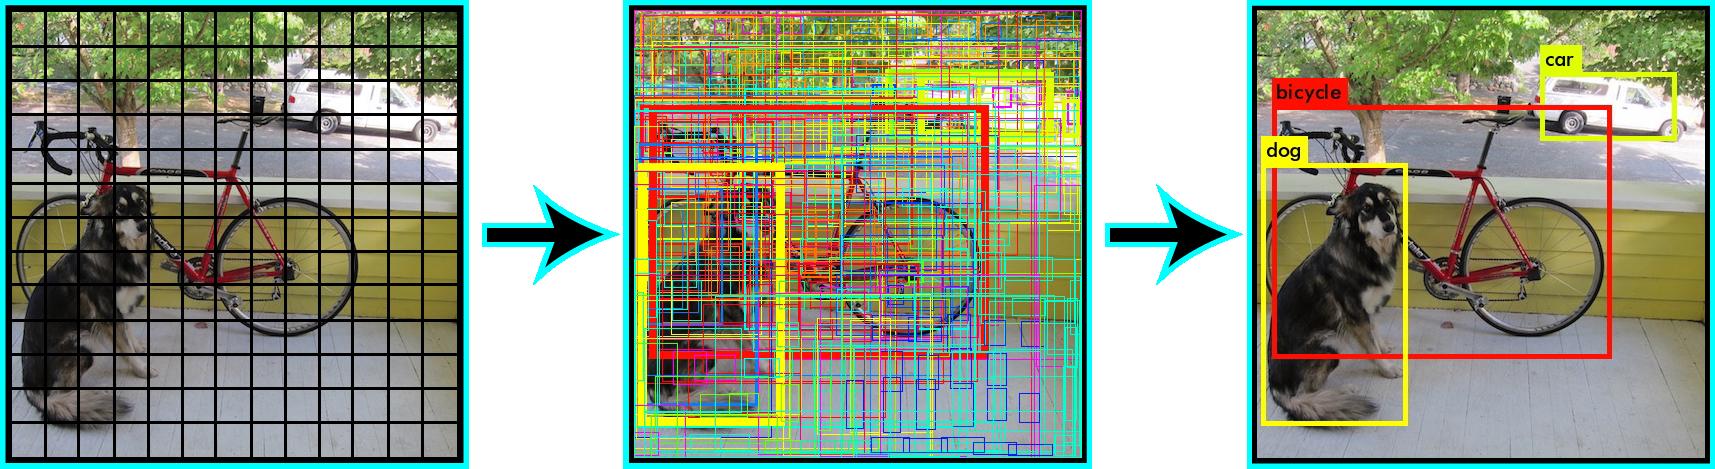 GitHub - ablacklama/Vehicle-Detection: Vehicle detection/tracking